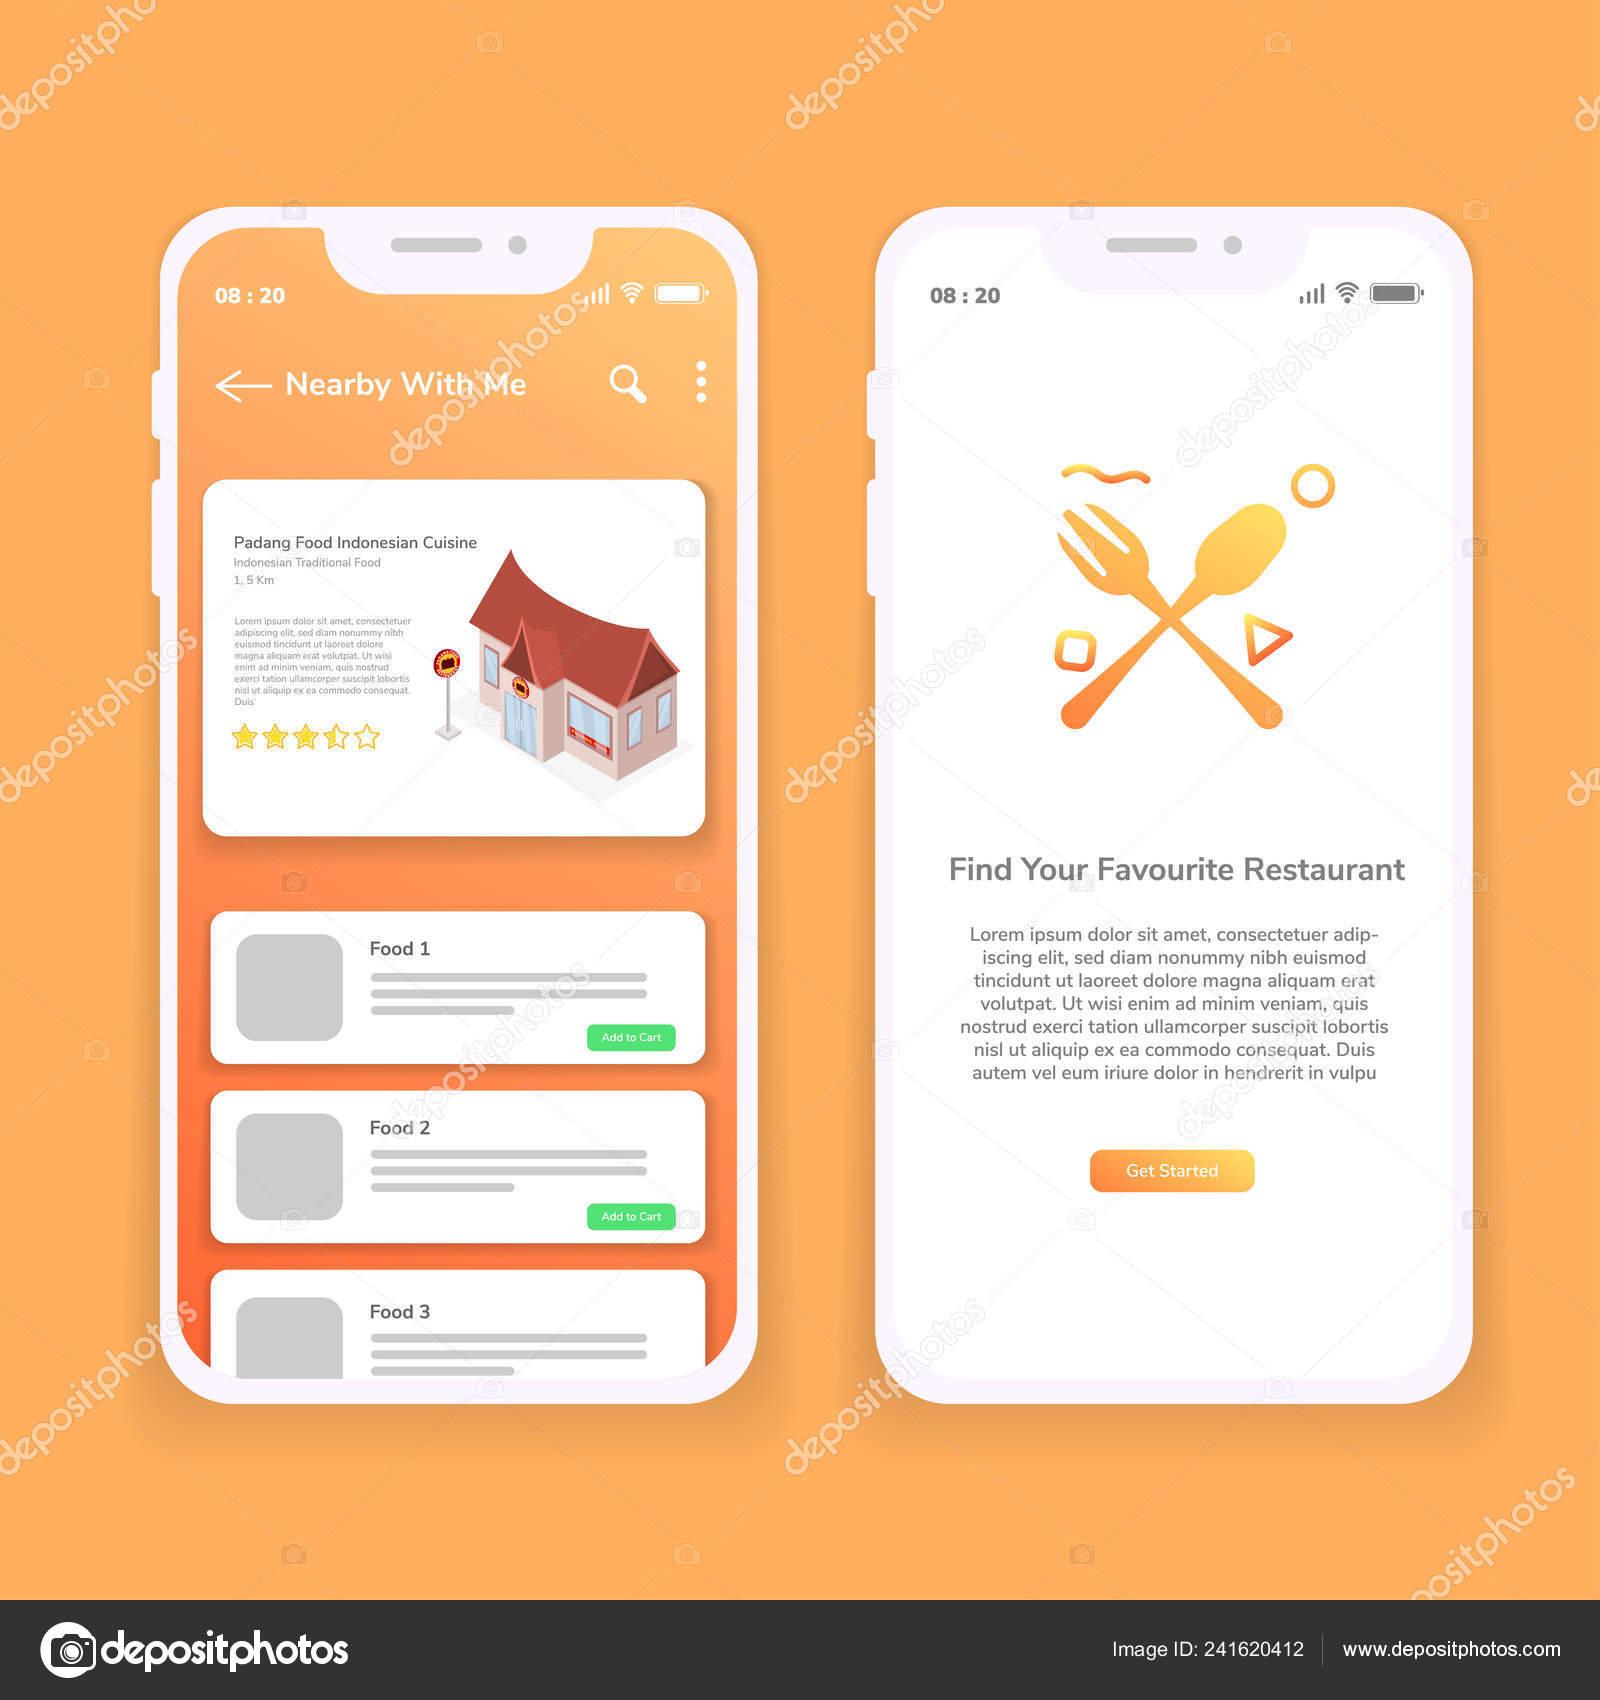 Restaurant Finder Mobile App Illustration Design Stock